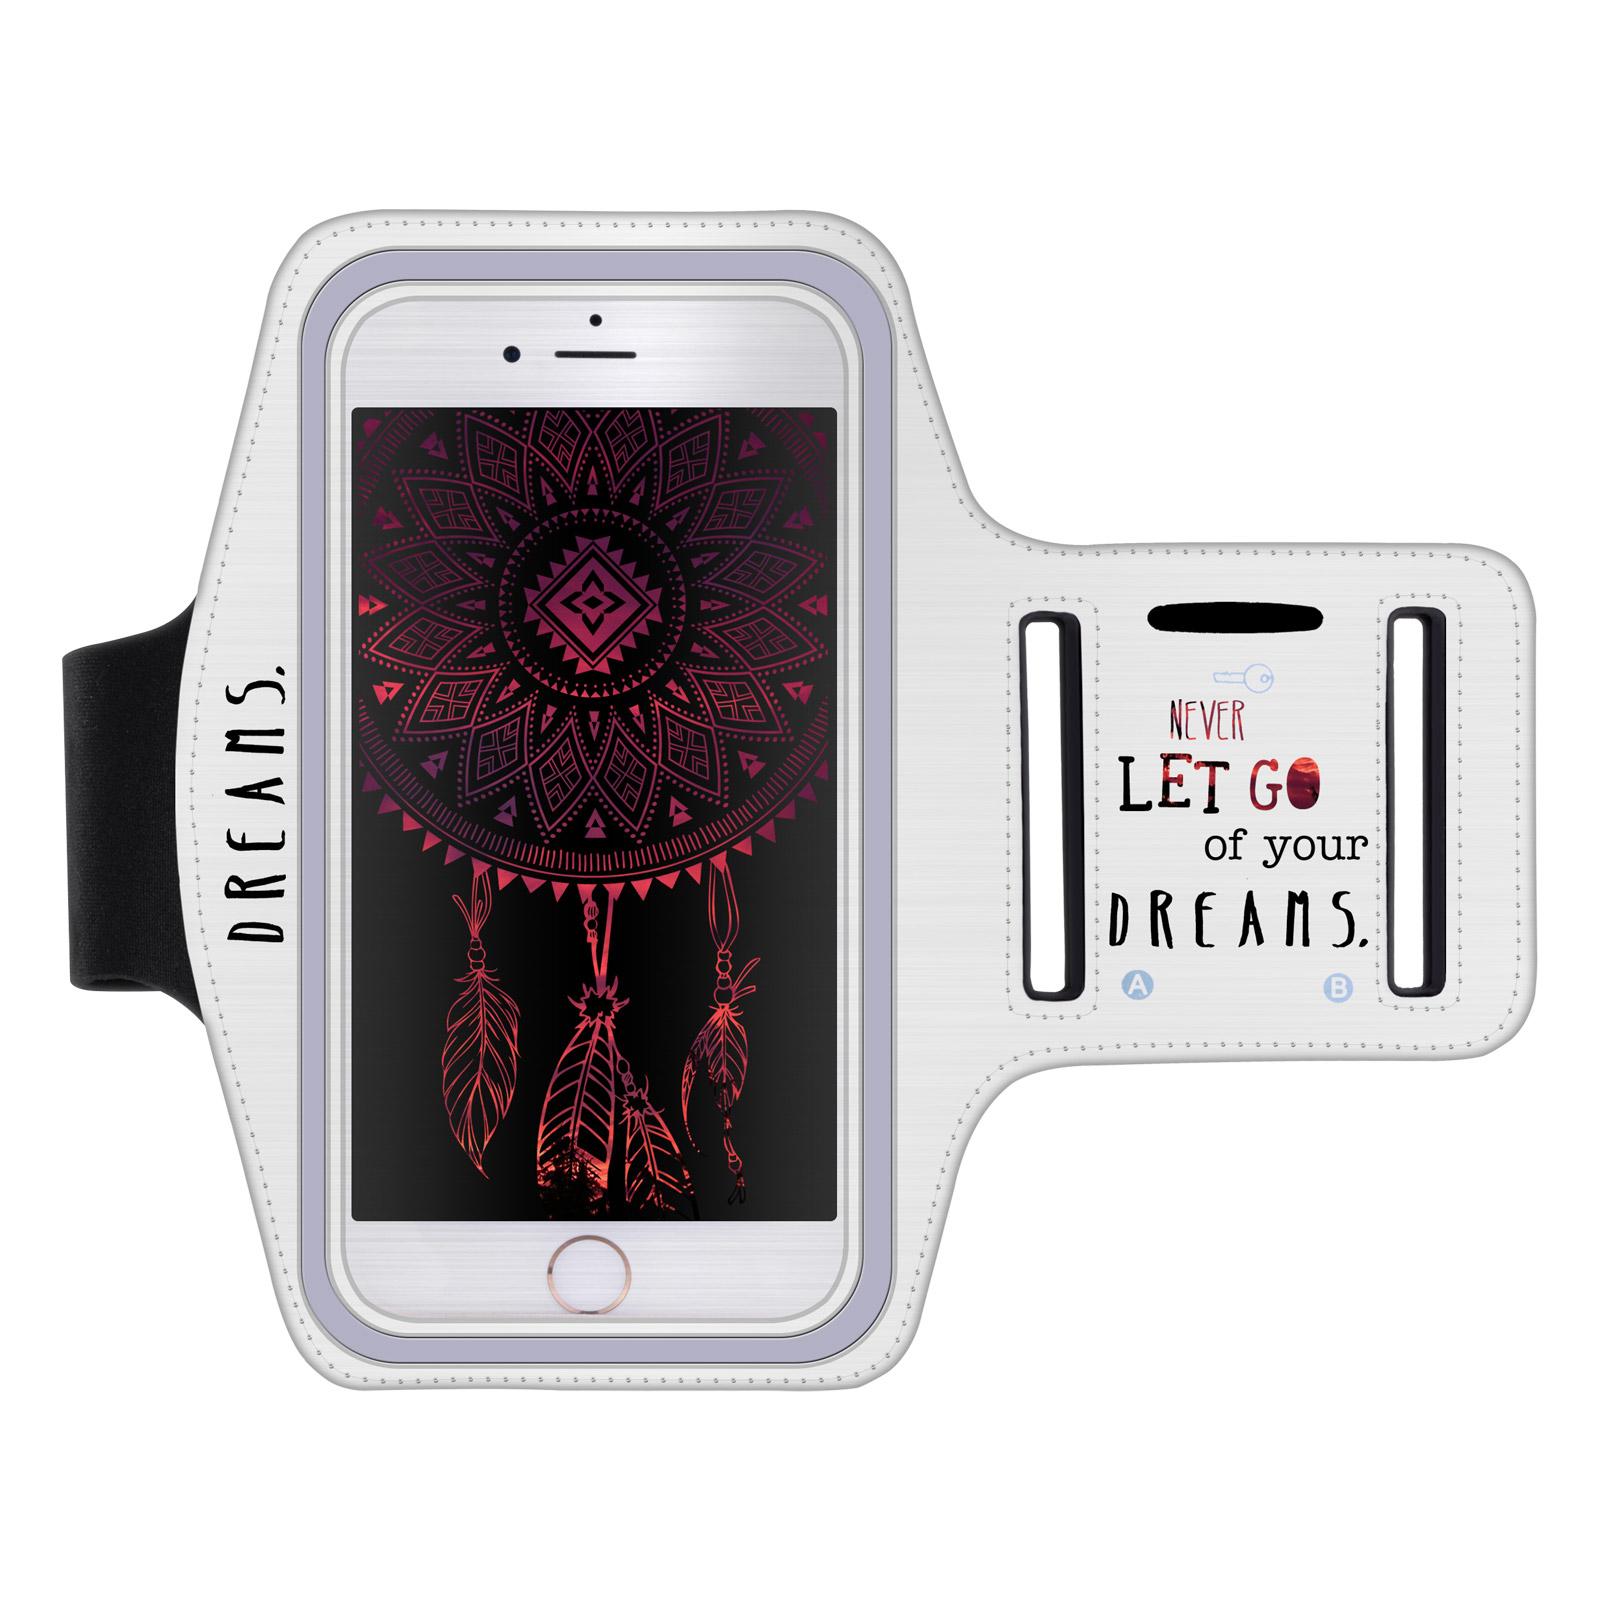 """Sportovní pouzdro NEVER DREAMS pro mobily do 5,5"""" iPhone 6 Plus/ S7 Edge bílé (Pouzdro na běhání pro mobilní telefony do 5,5 palců)"""